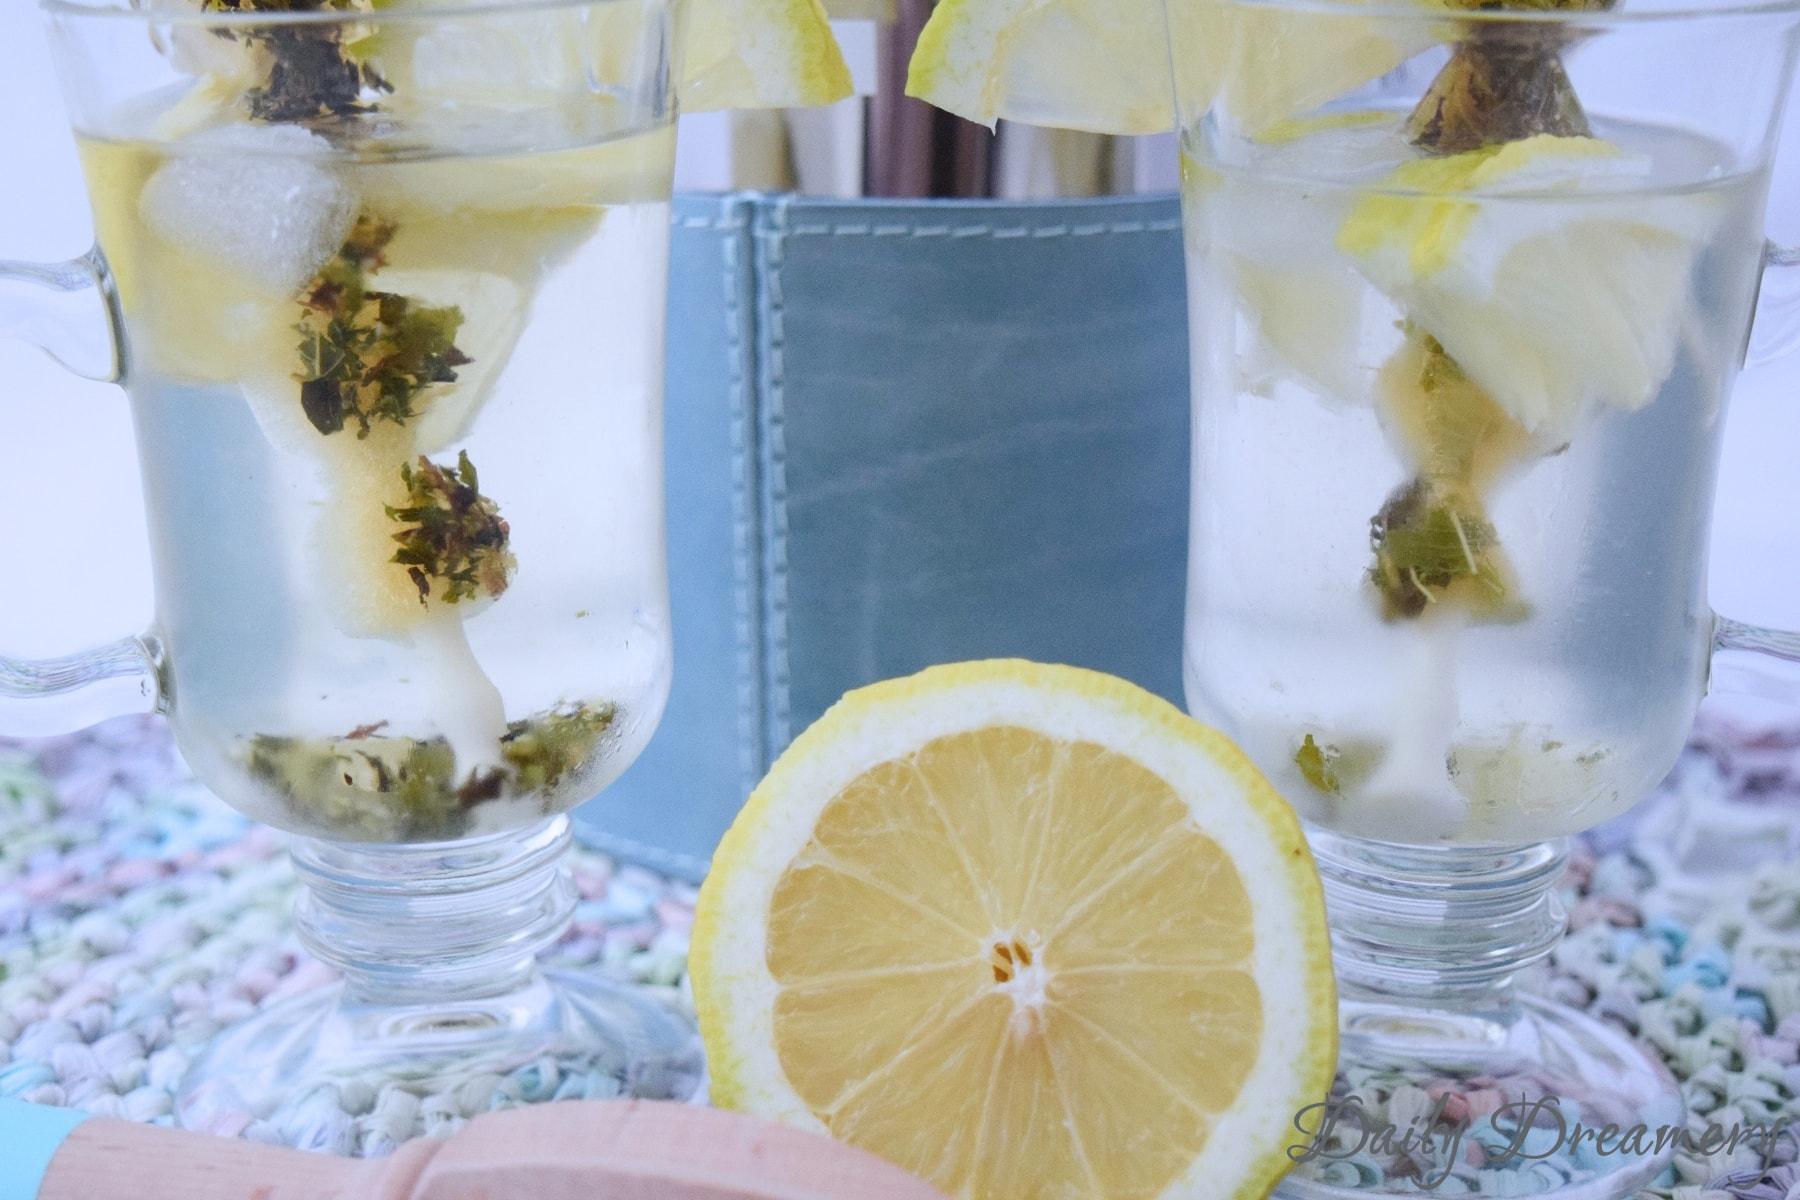 Eistee, Tea-Infused Water